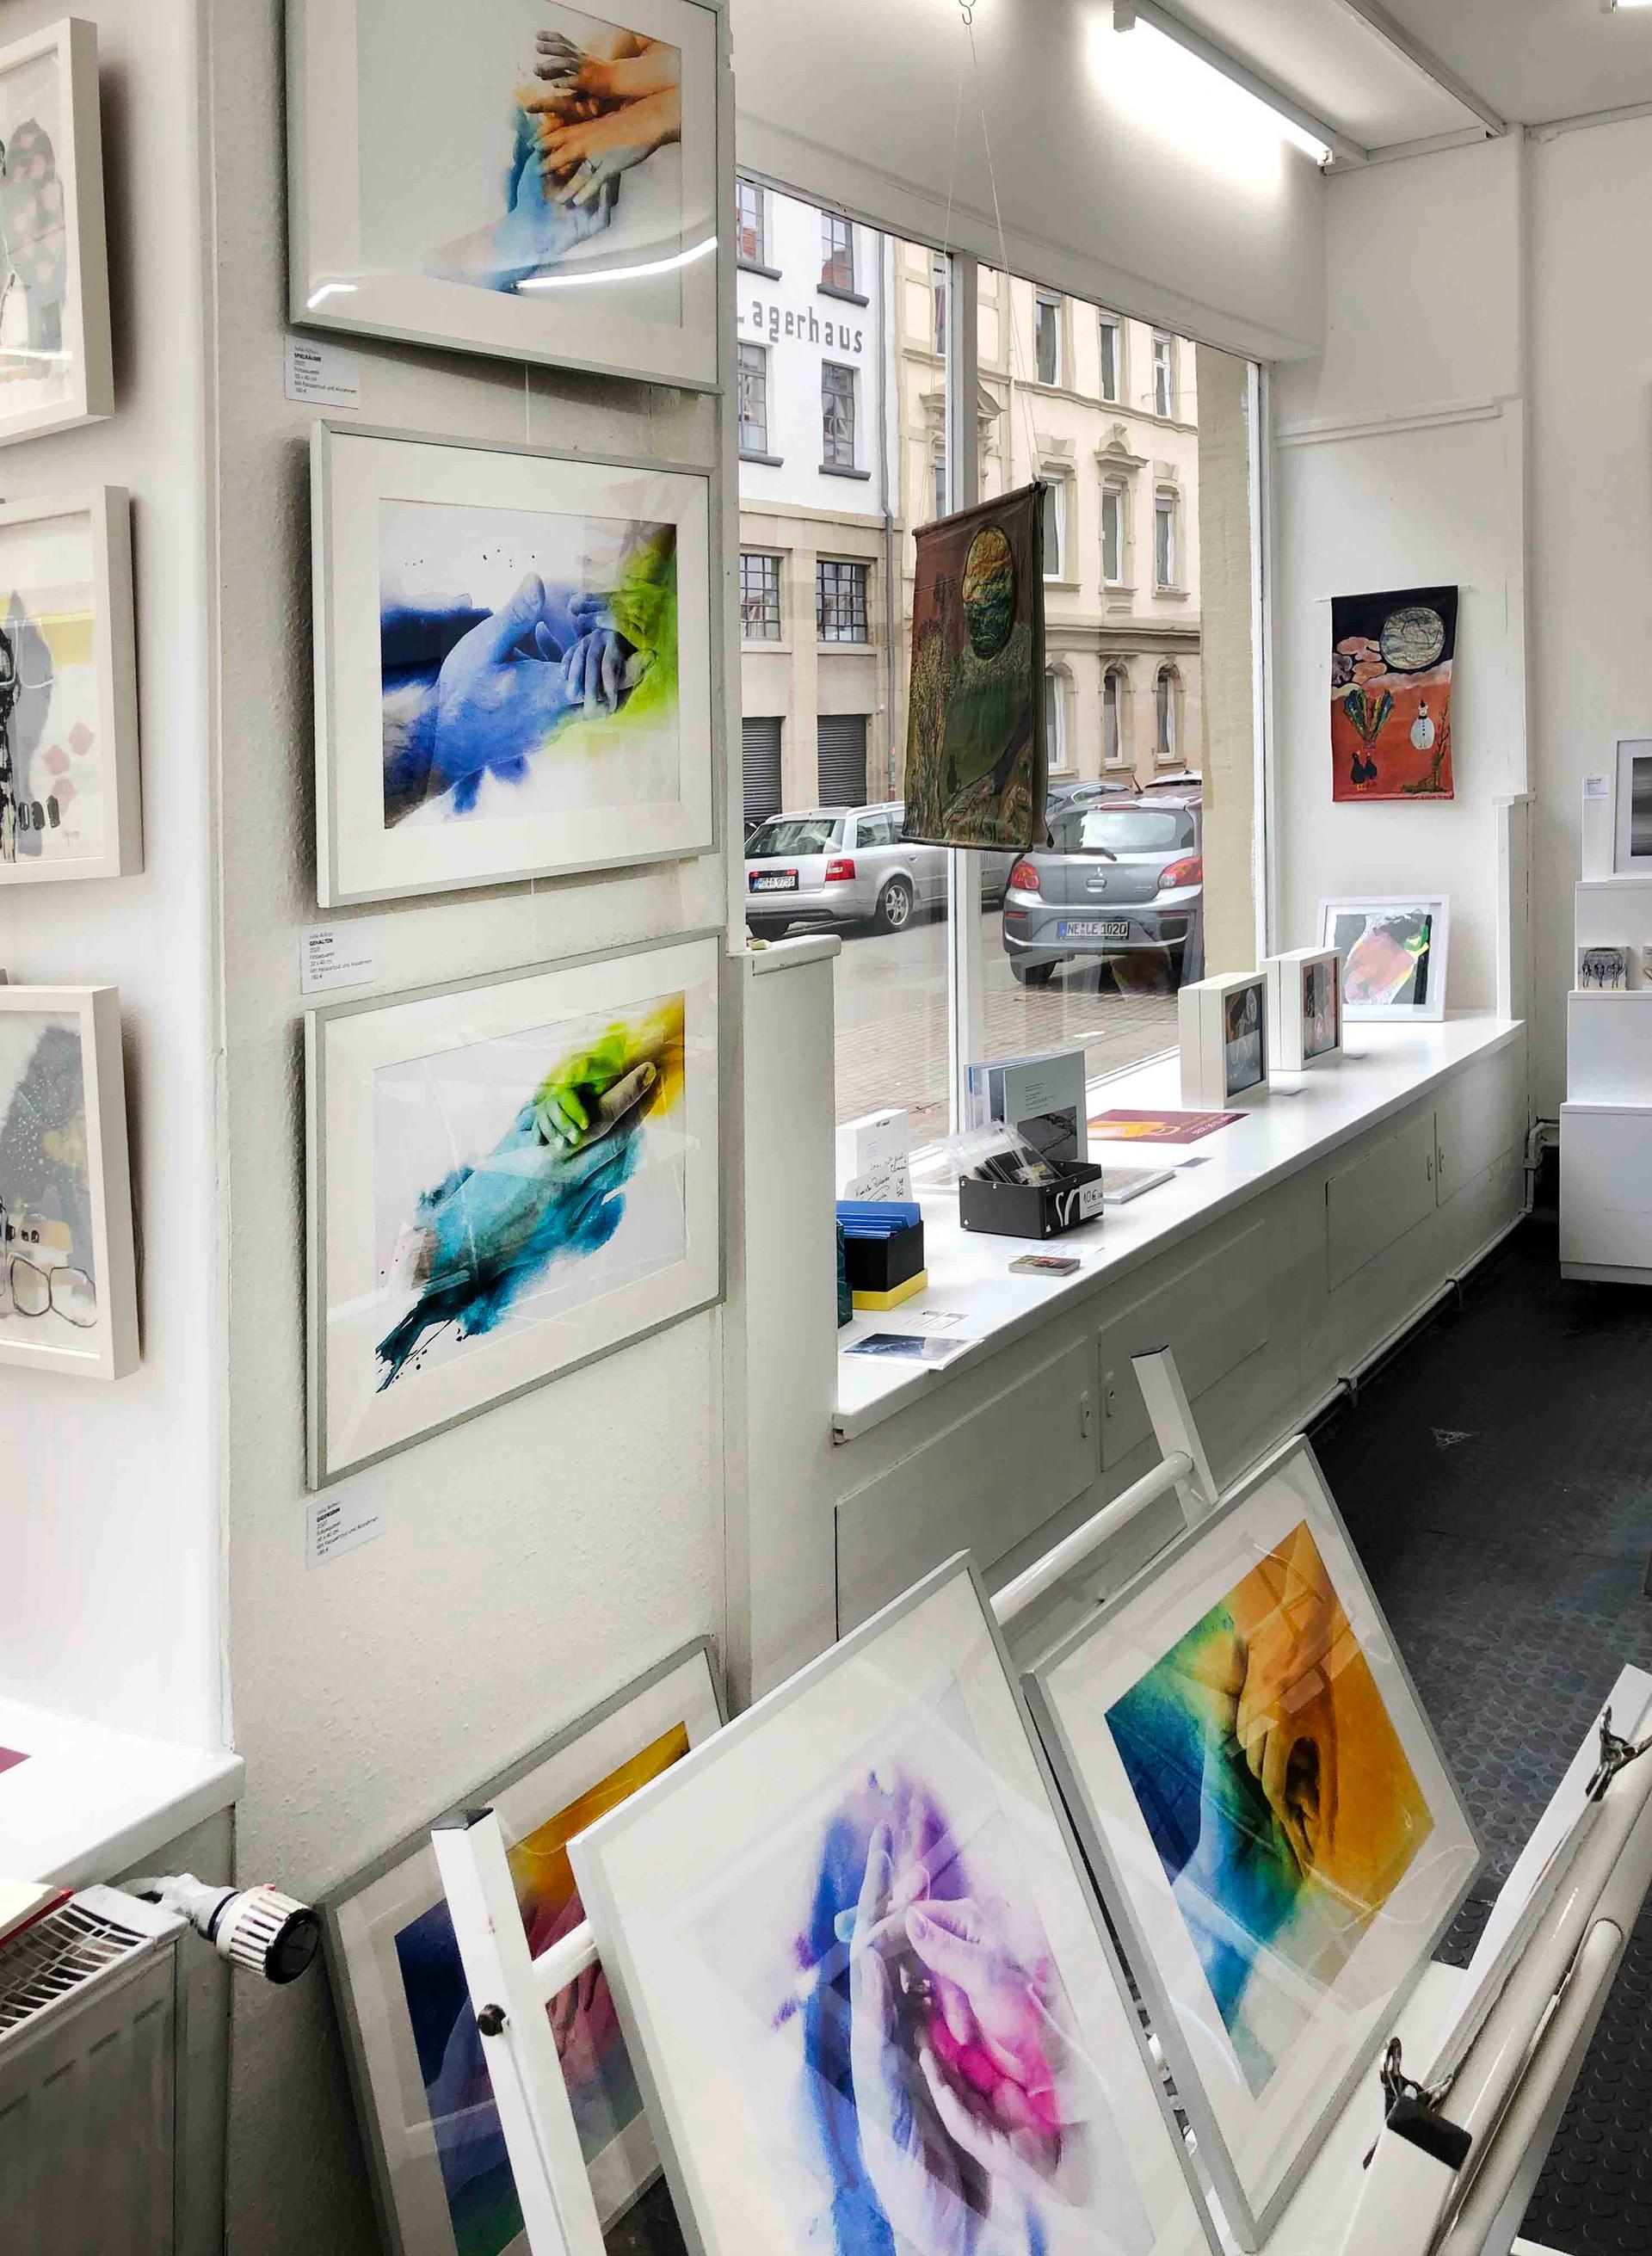 Galerie innen.jpg